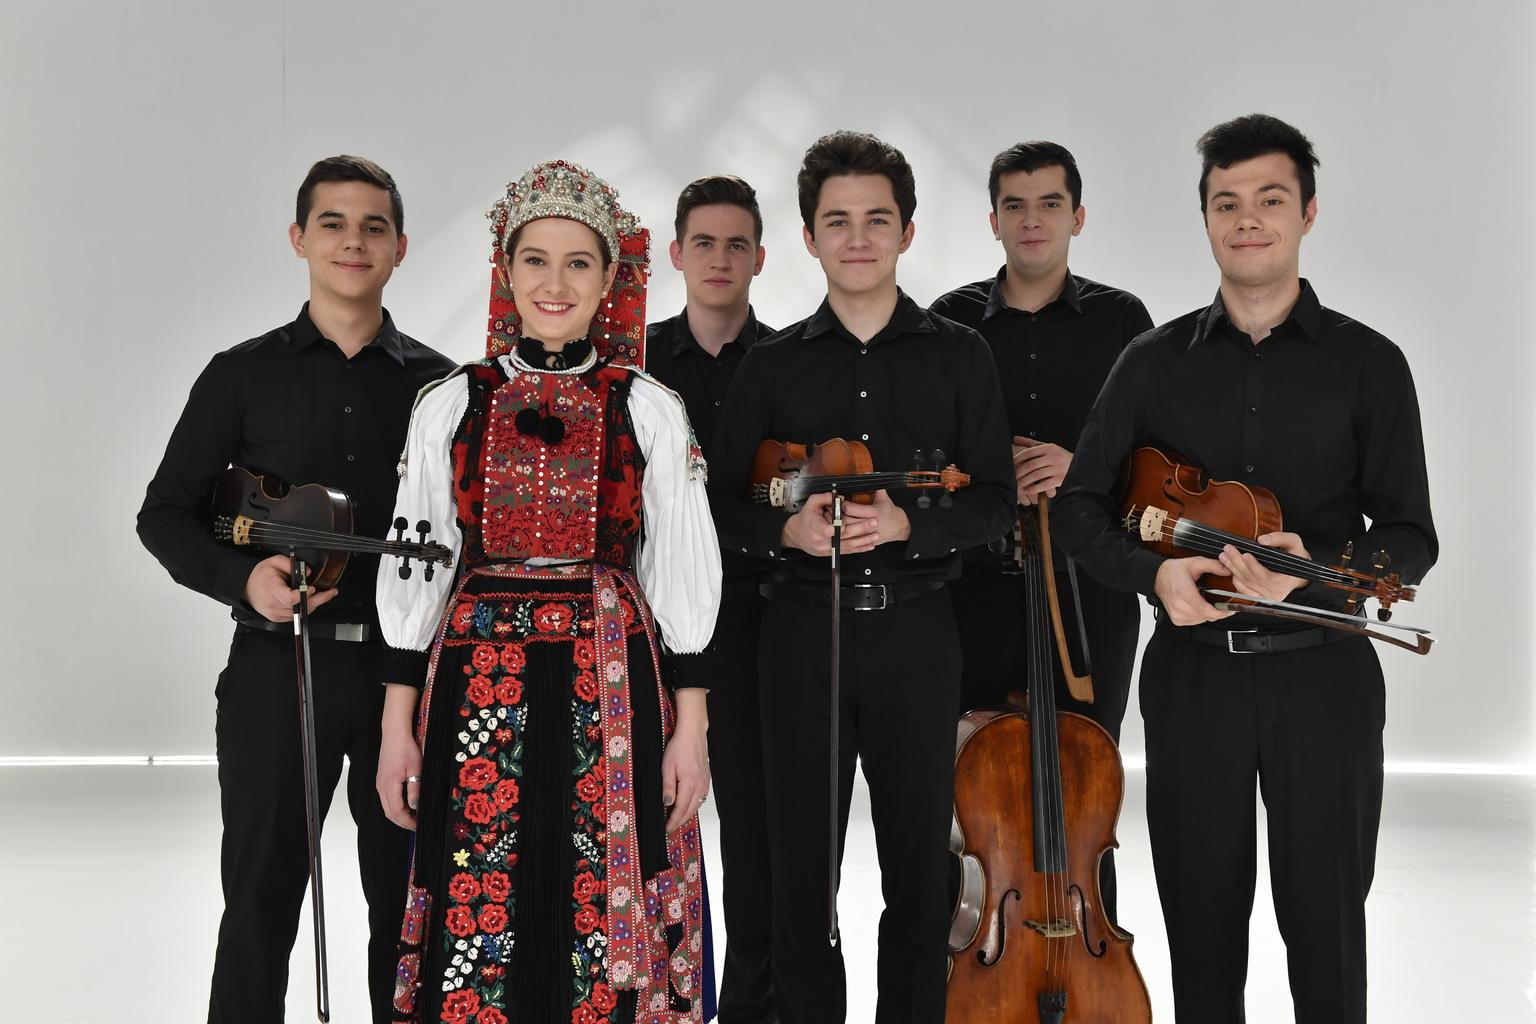 Fotók forrása: mediaklikk.hu | Ördöngös zenekar